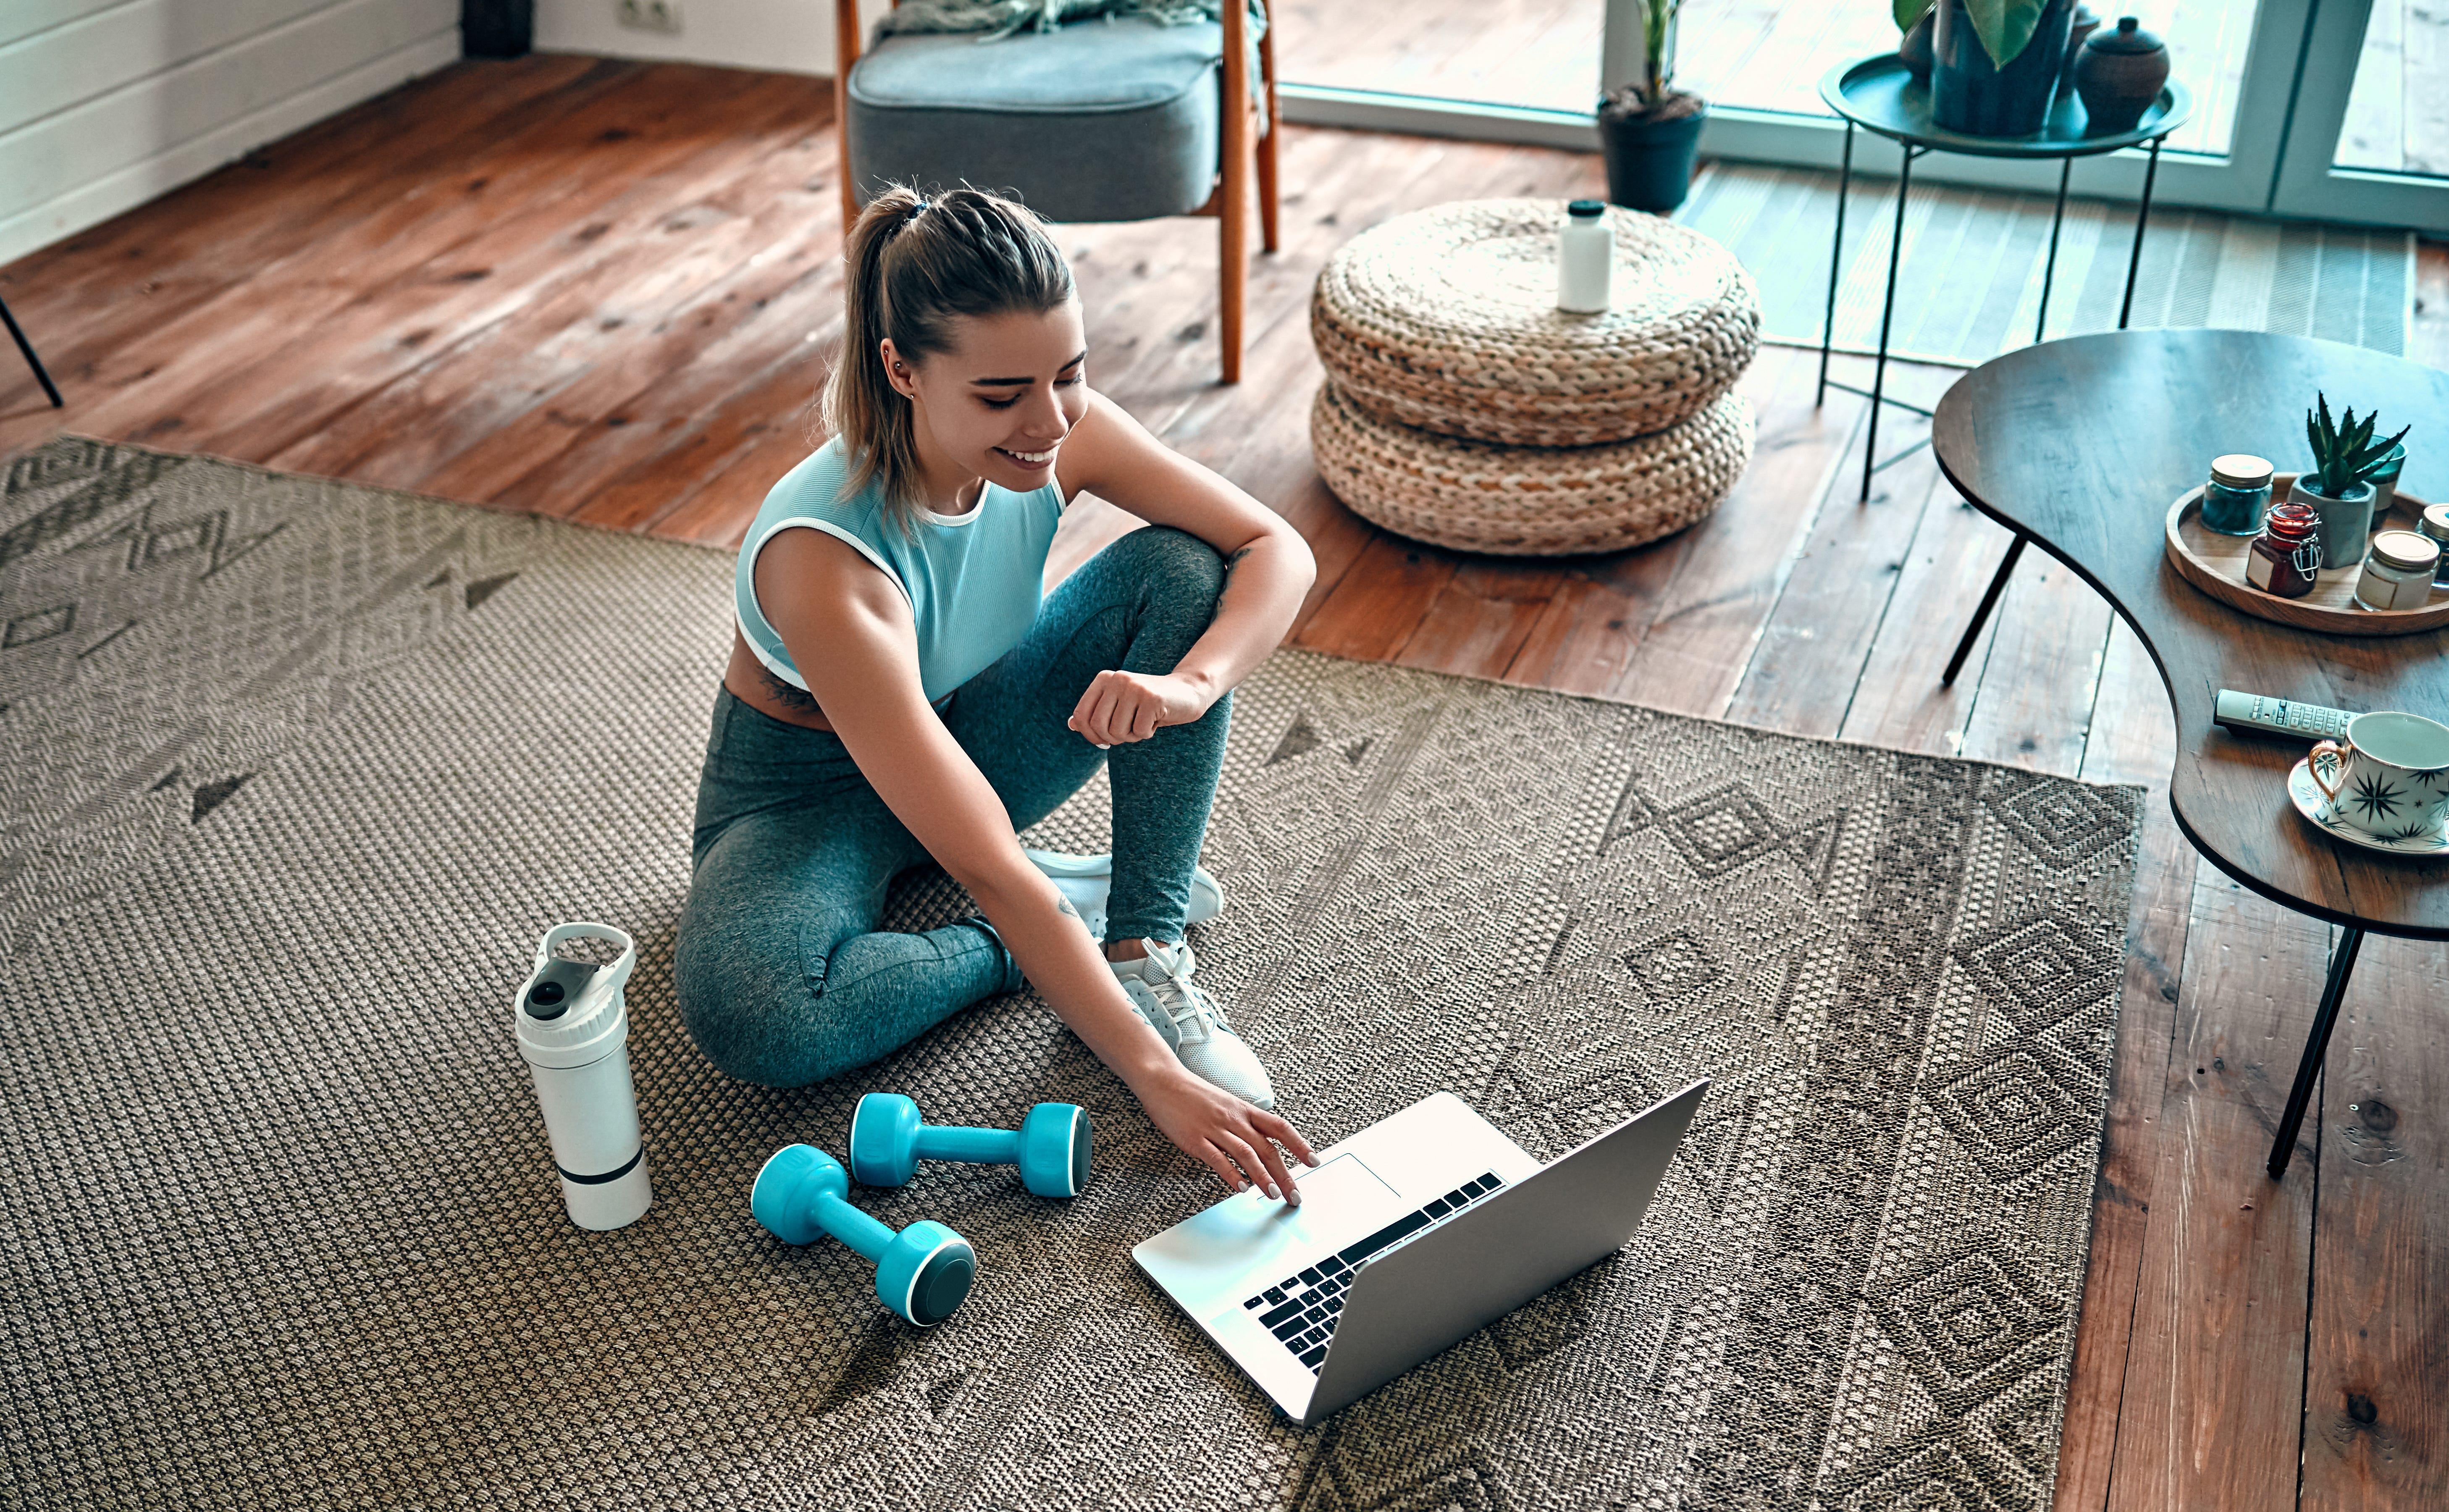 Como adaptar um espaço da sua casa para praticar exercícios